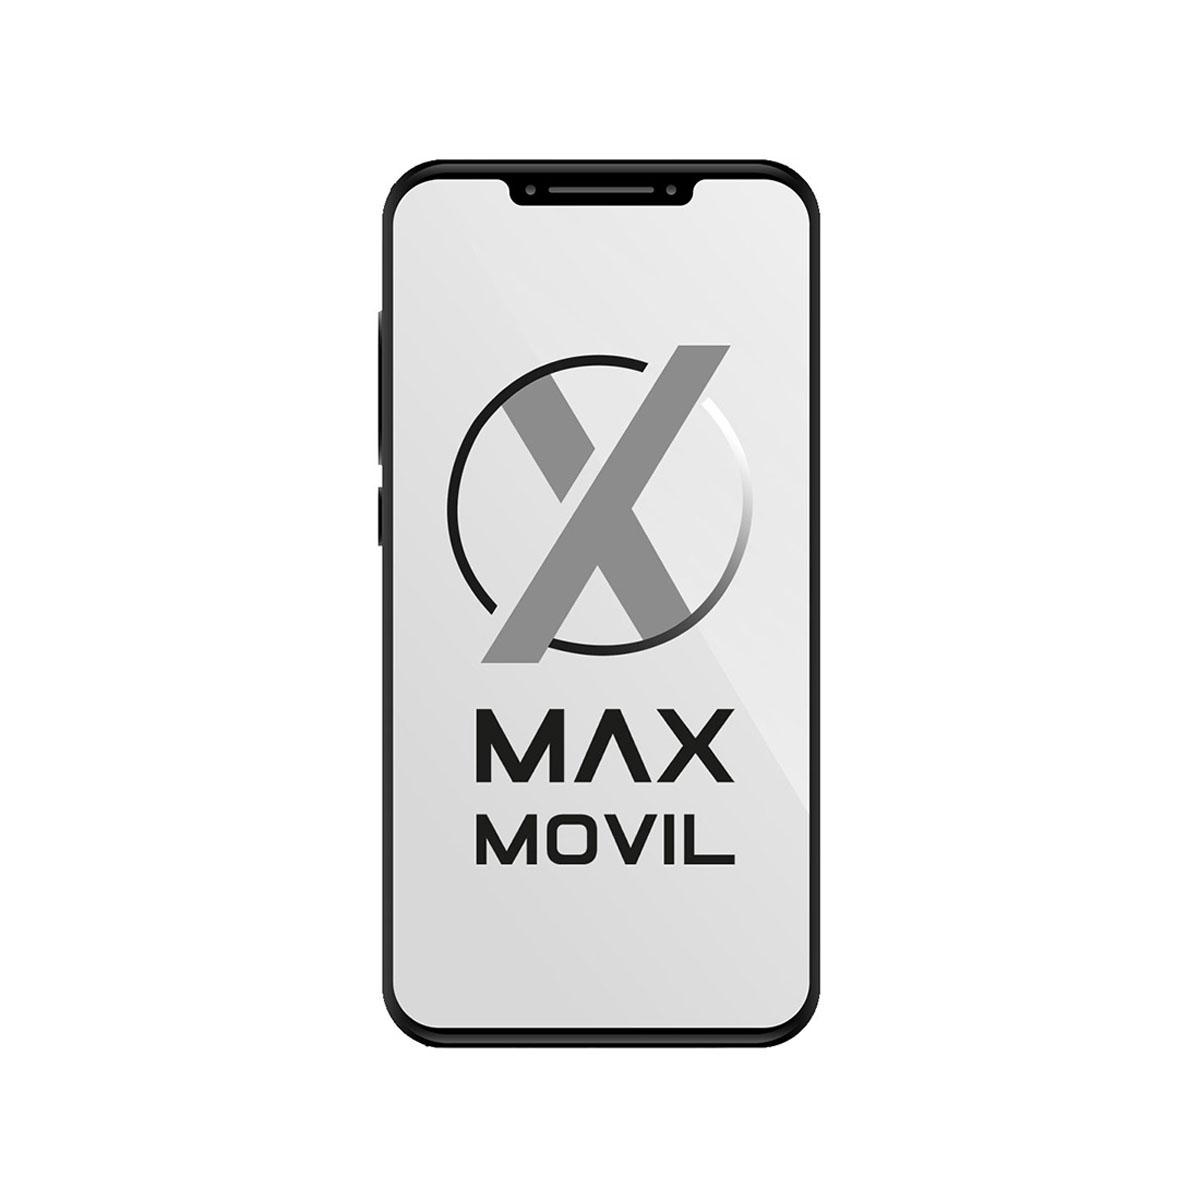 Carcasa protectora MyAxe tipo TPU para Galaxy Core Prime transparente